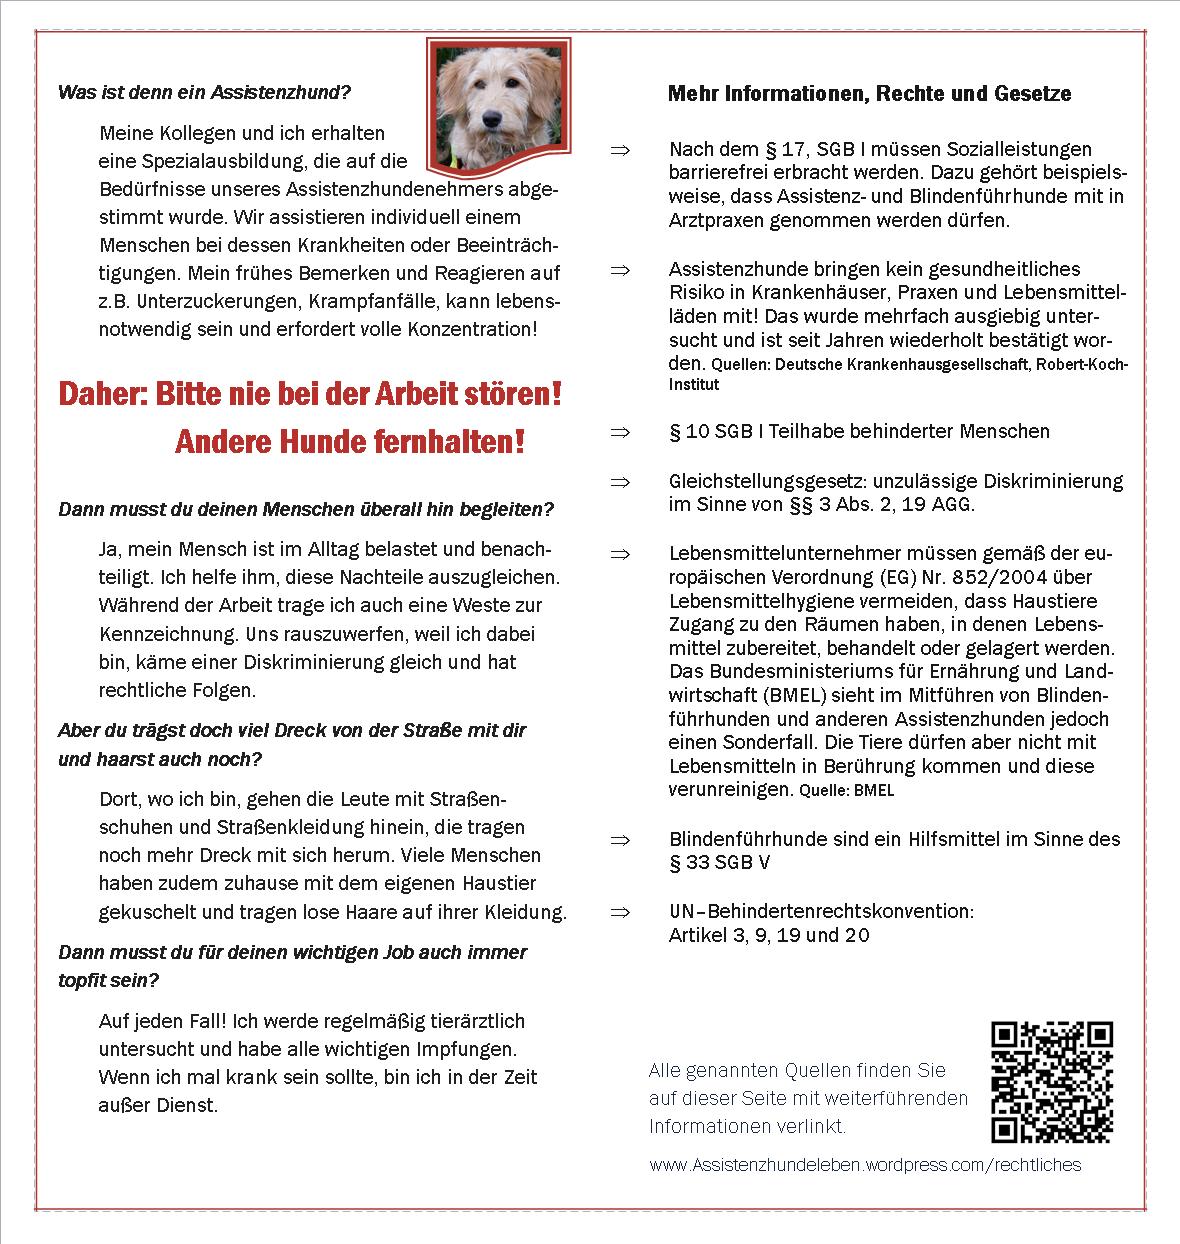 Informationsblatt über Assistenzhunde und deren Rechte